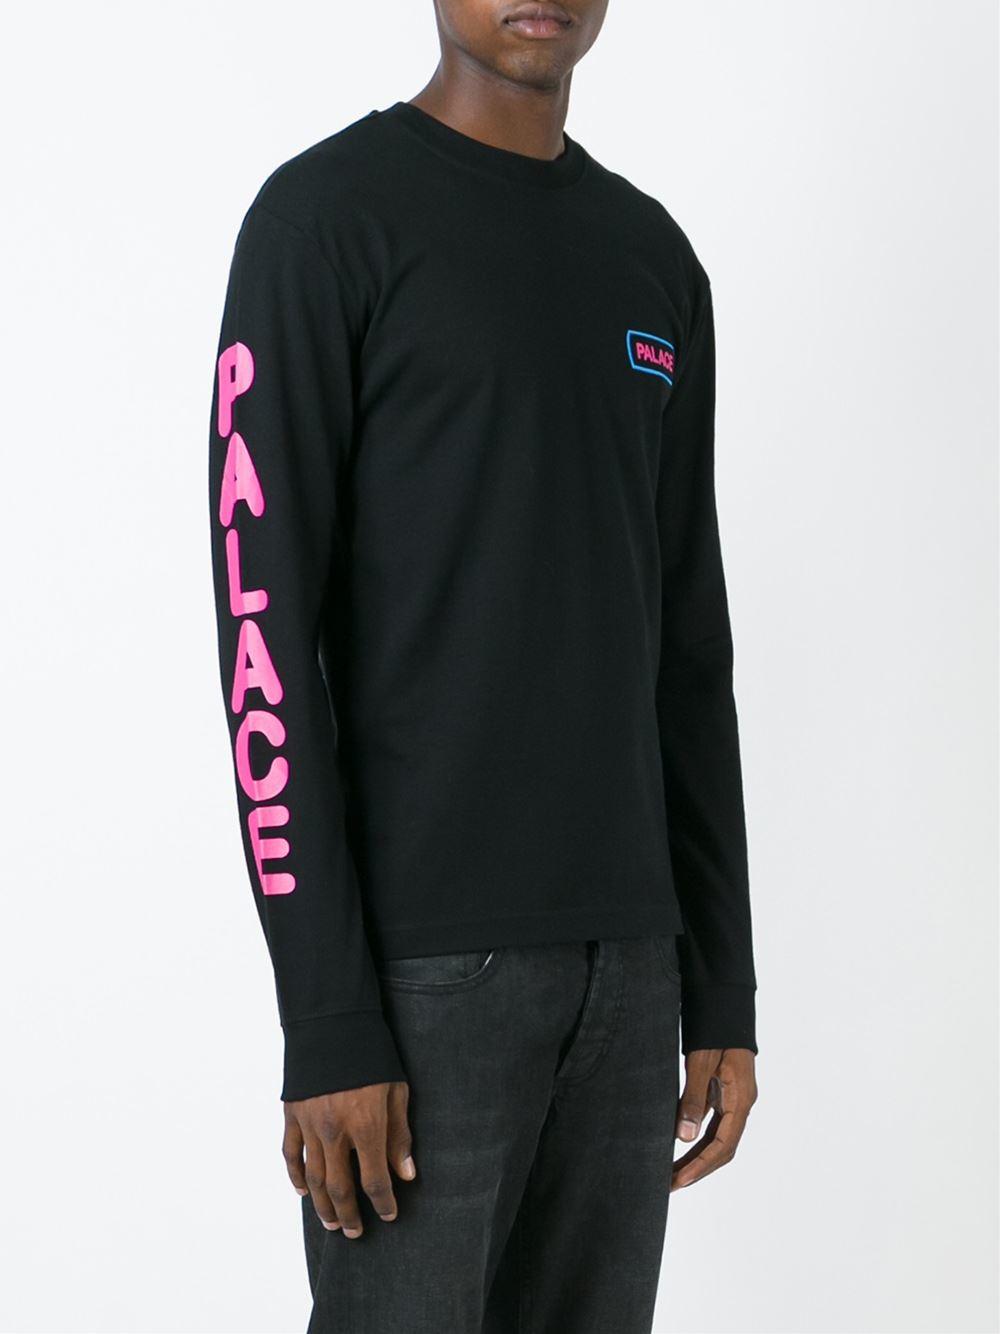 T shirt design 2 zeixs - T Shirt Gallery Download Download Image Zeixs T Shirt Designer 2